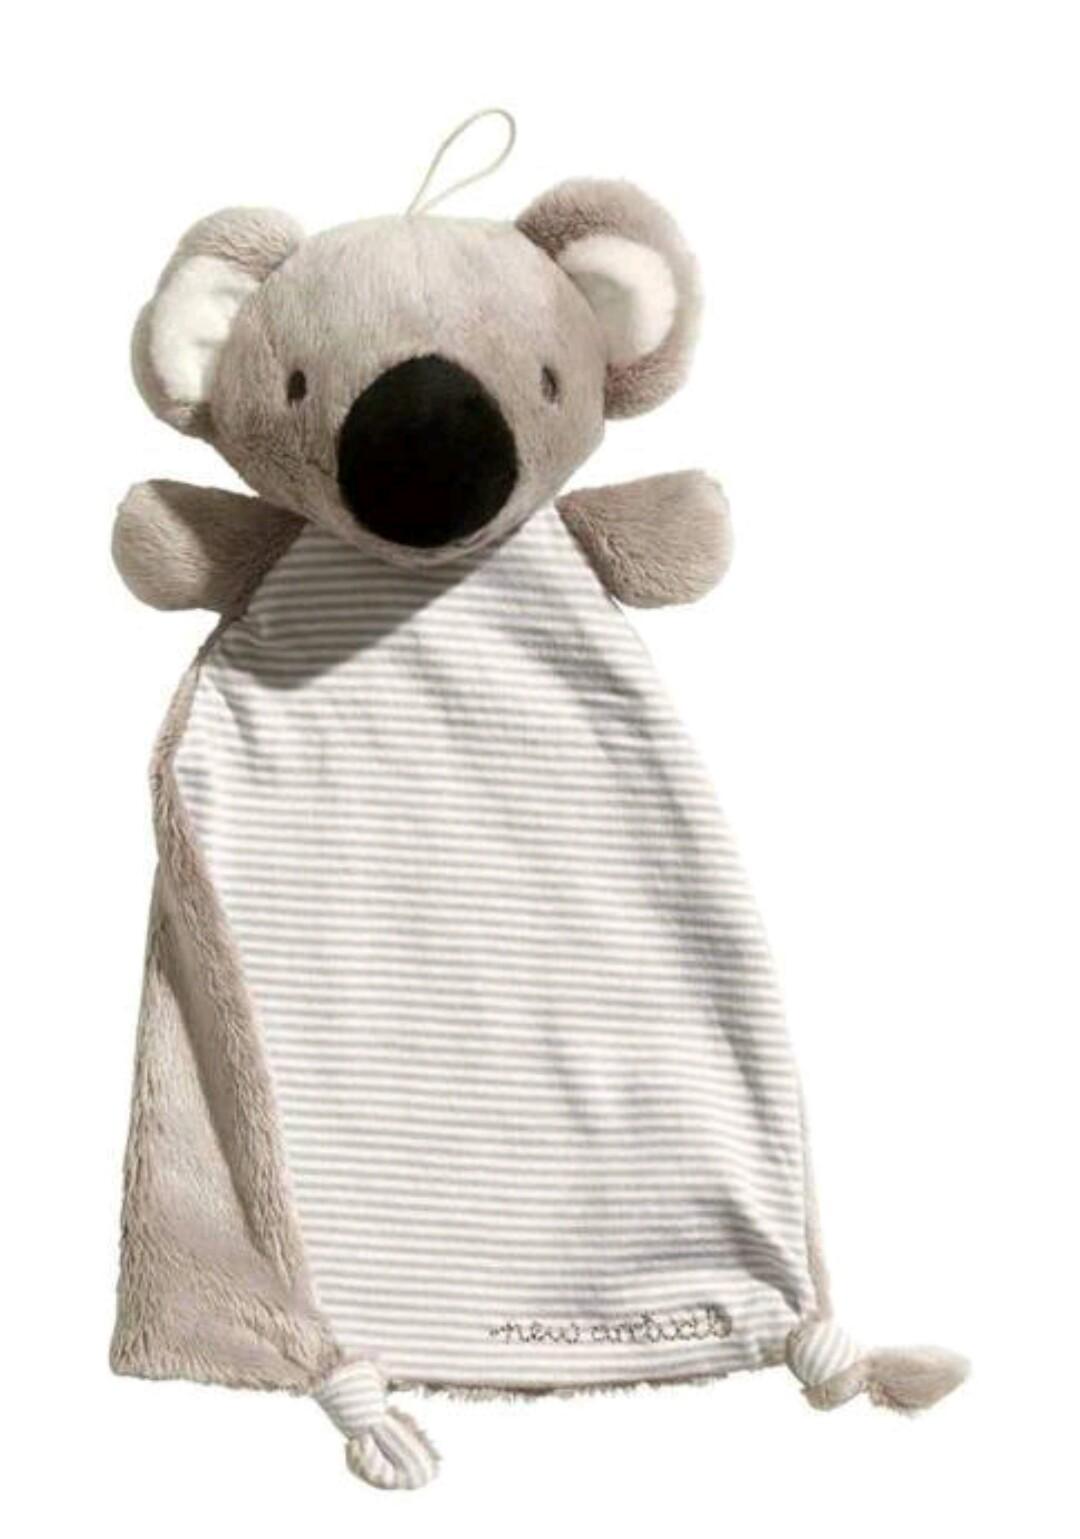 H&M knuffeldoek koala 2014